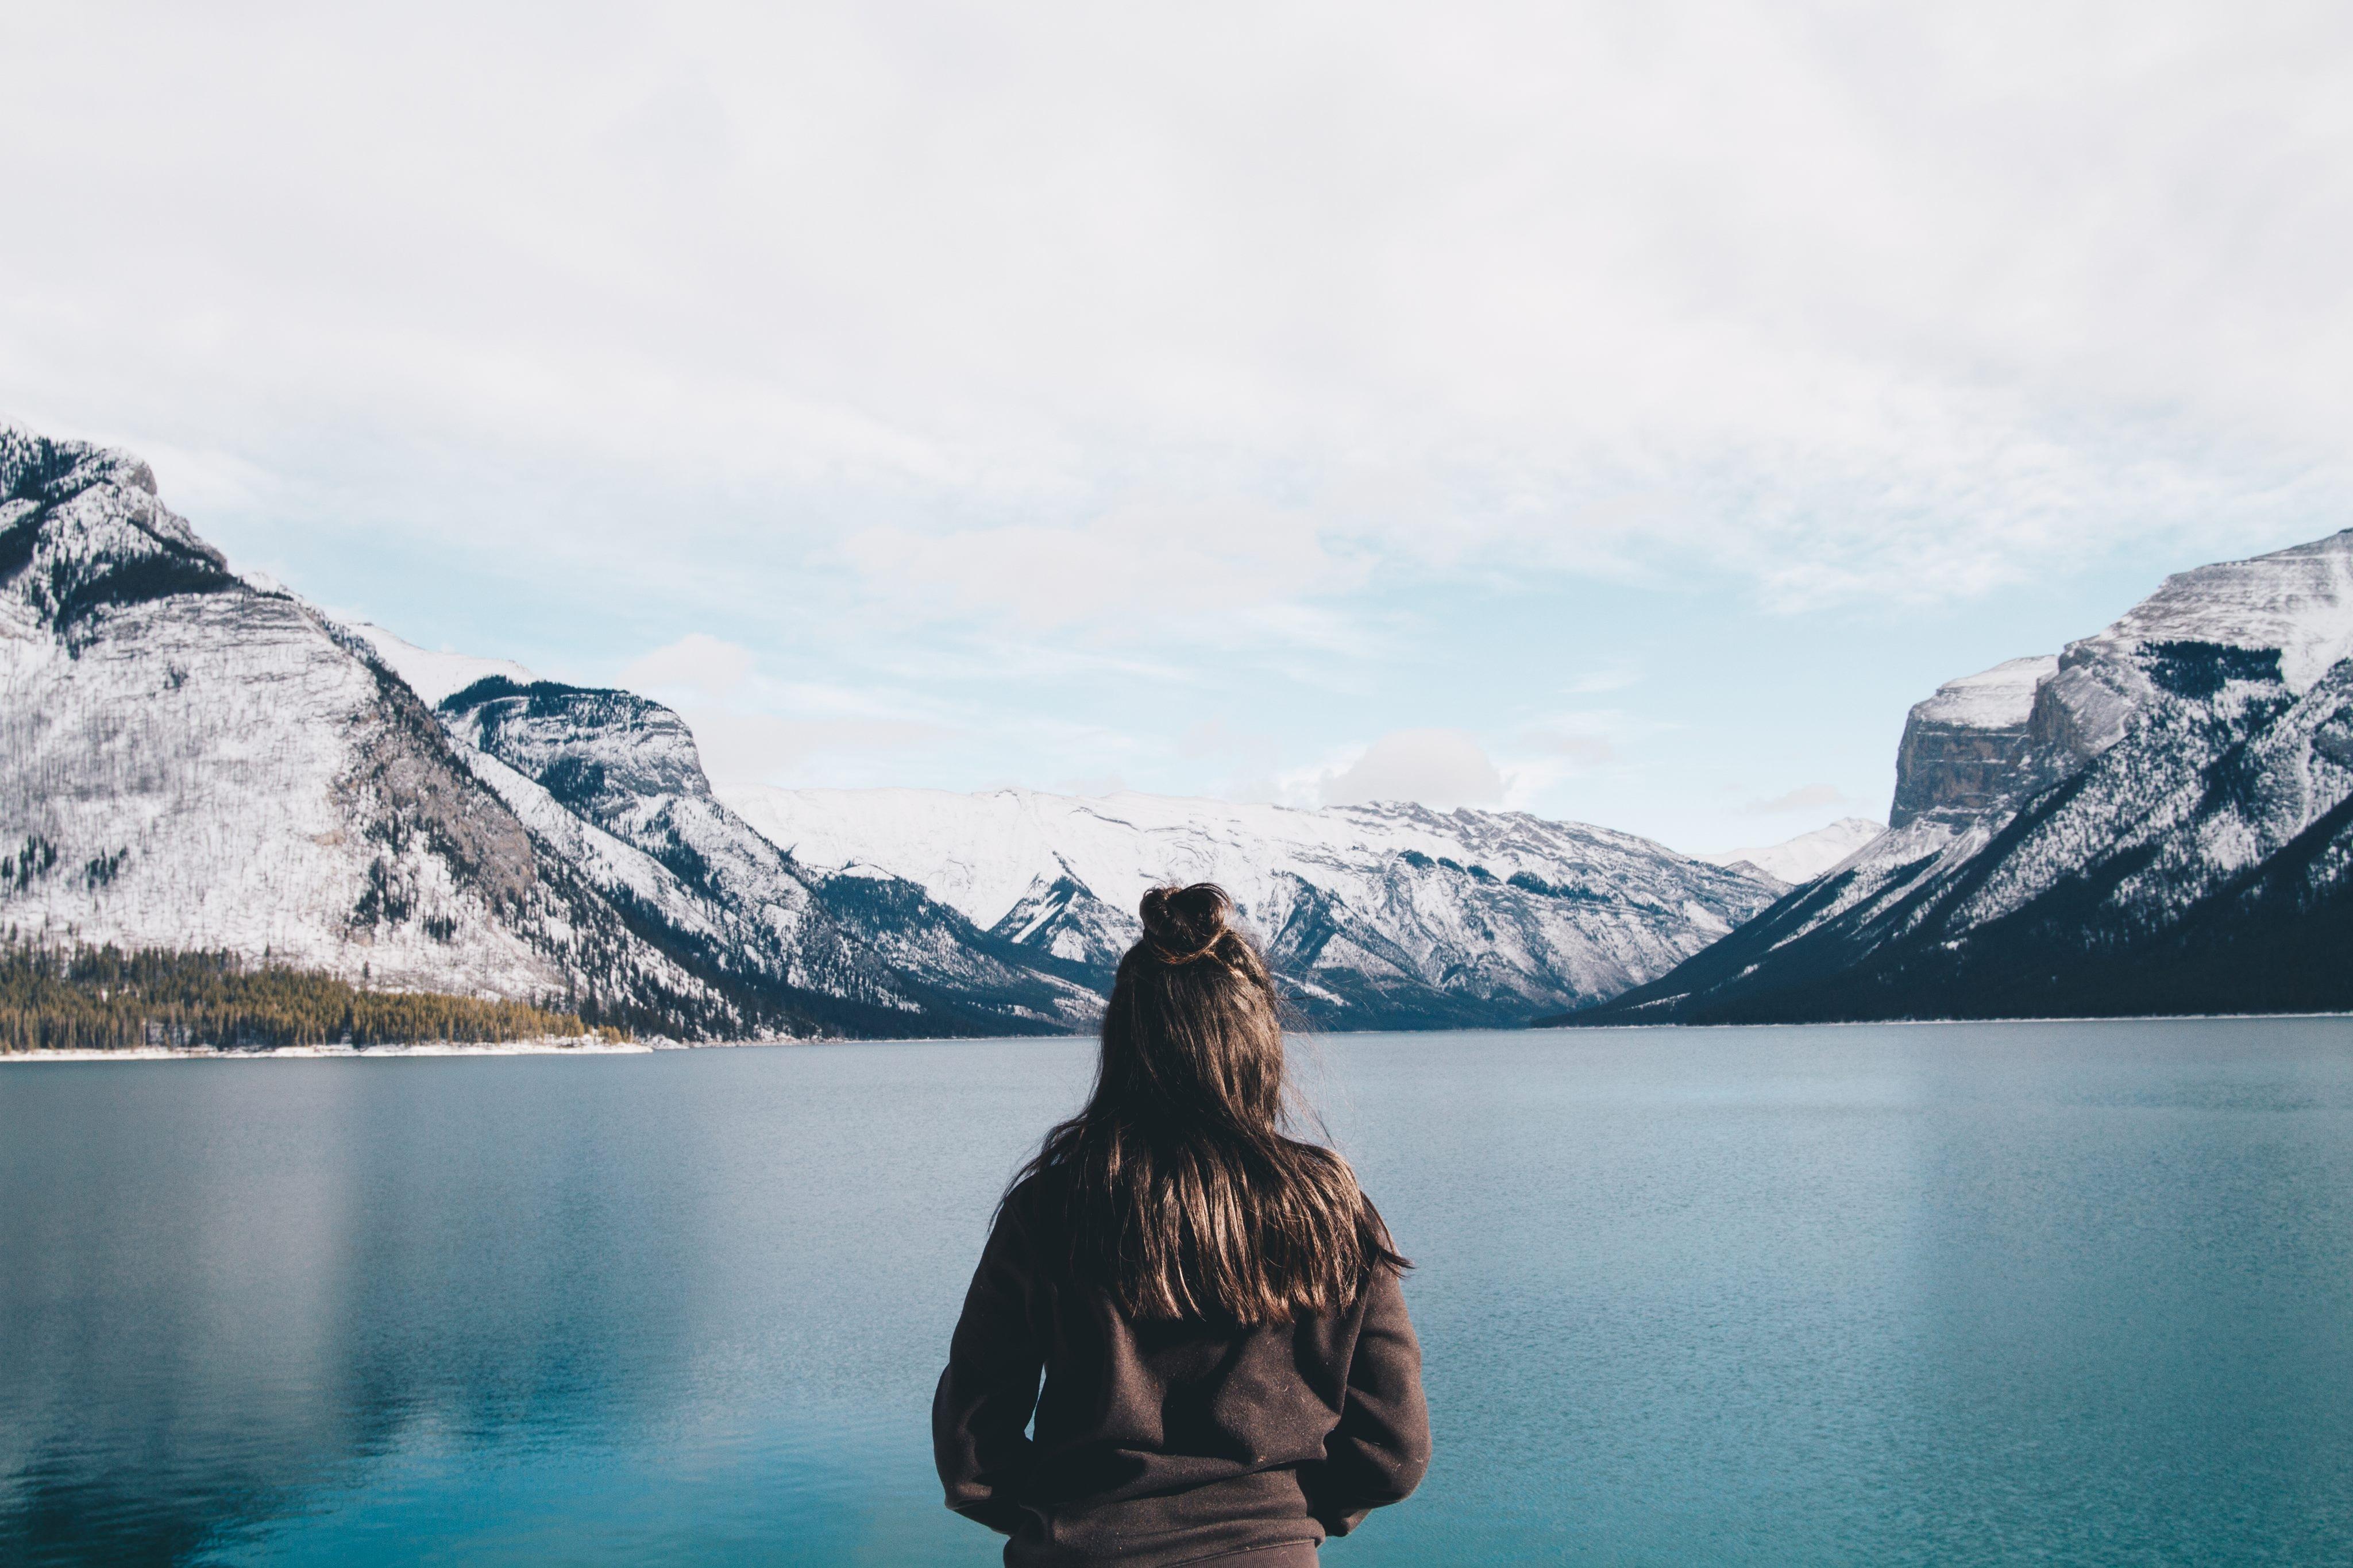 彼氏がいるのに旅行先で好きな人ができたら、どうすればいい?